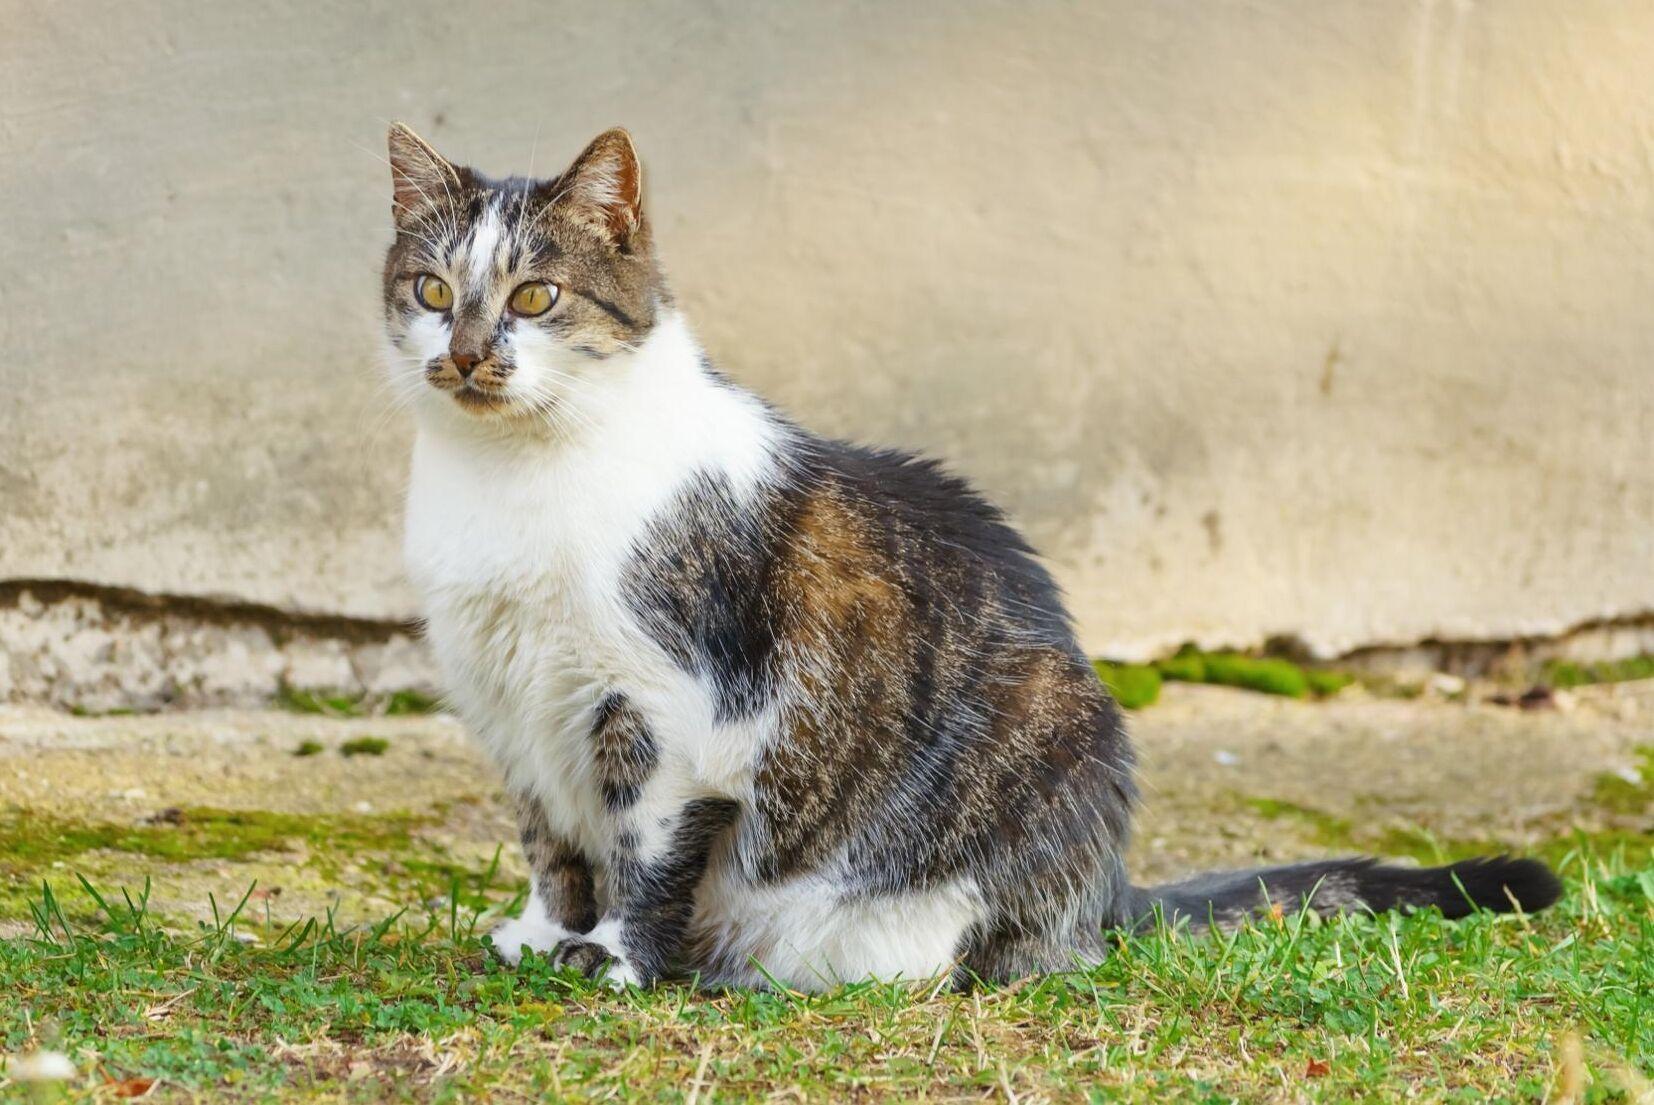 Från den 15 juni gäller nya föreskrifter för alla som har katter, även lantbrukare.